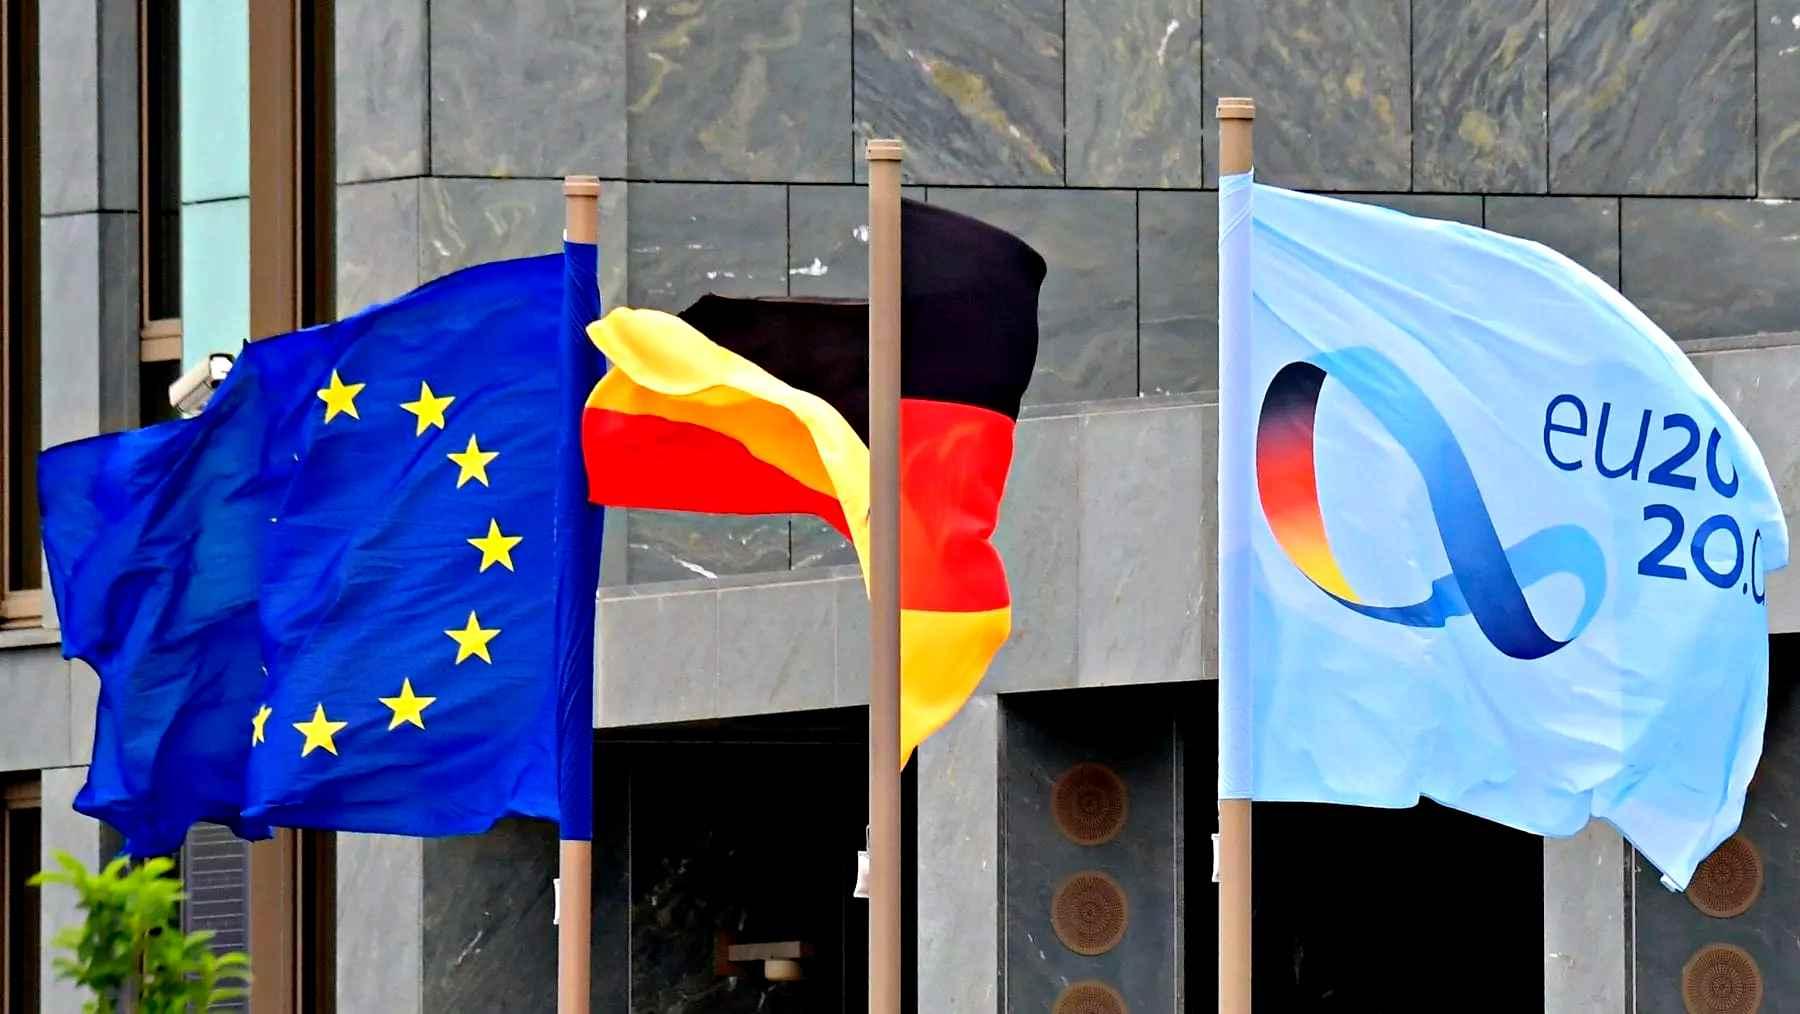 Recovery e bilancio, proposta tedesca per superare veti. Oggi vertice Ue a Bruxelles